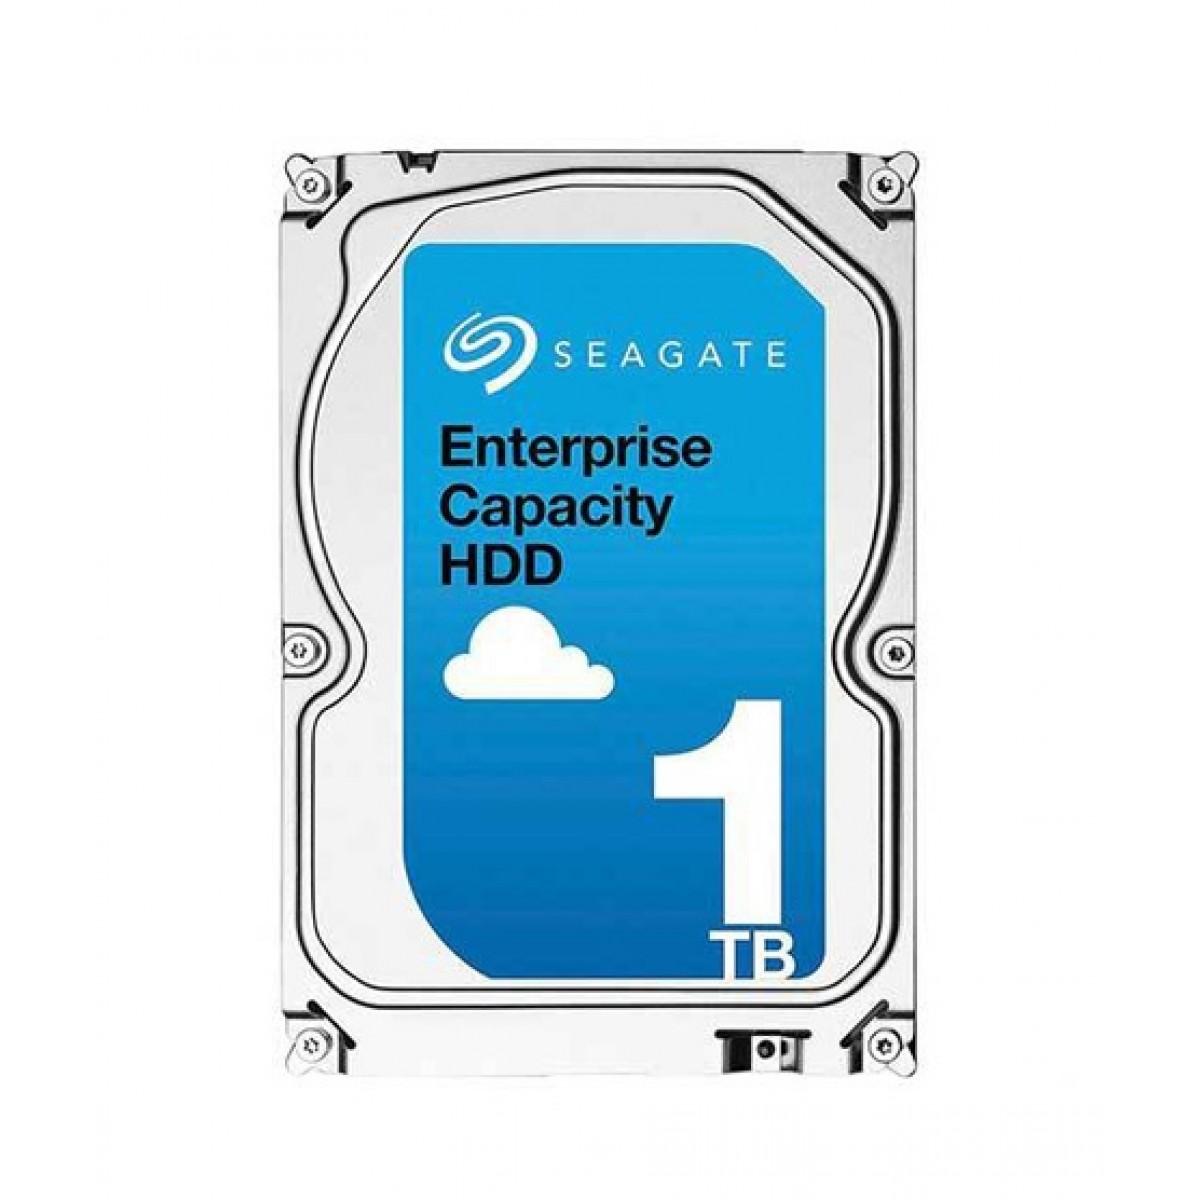 Seagate Enterprise SAS 1TB 7200RPM Hard Drive (ST1000NM0045)